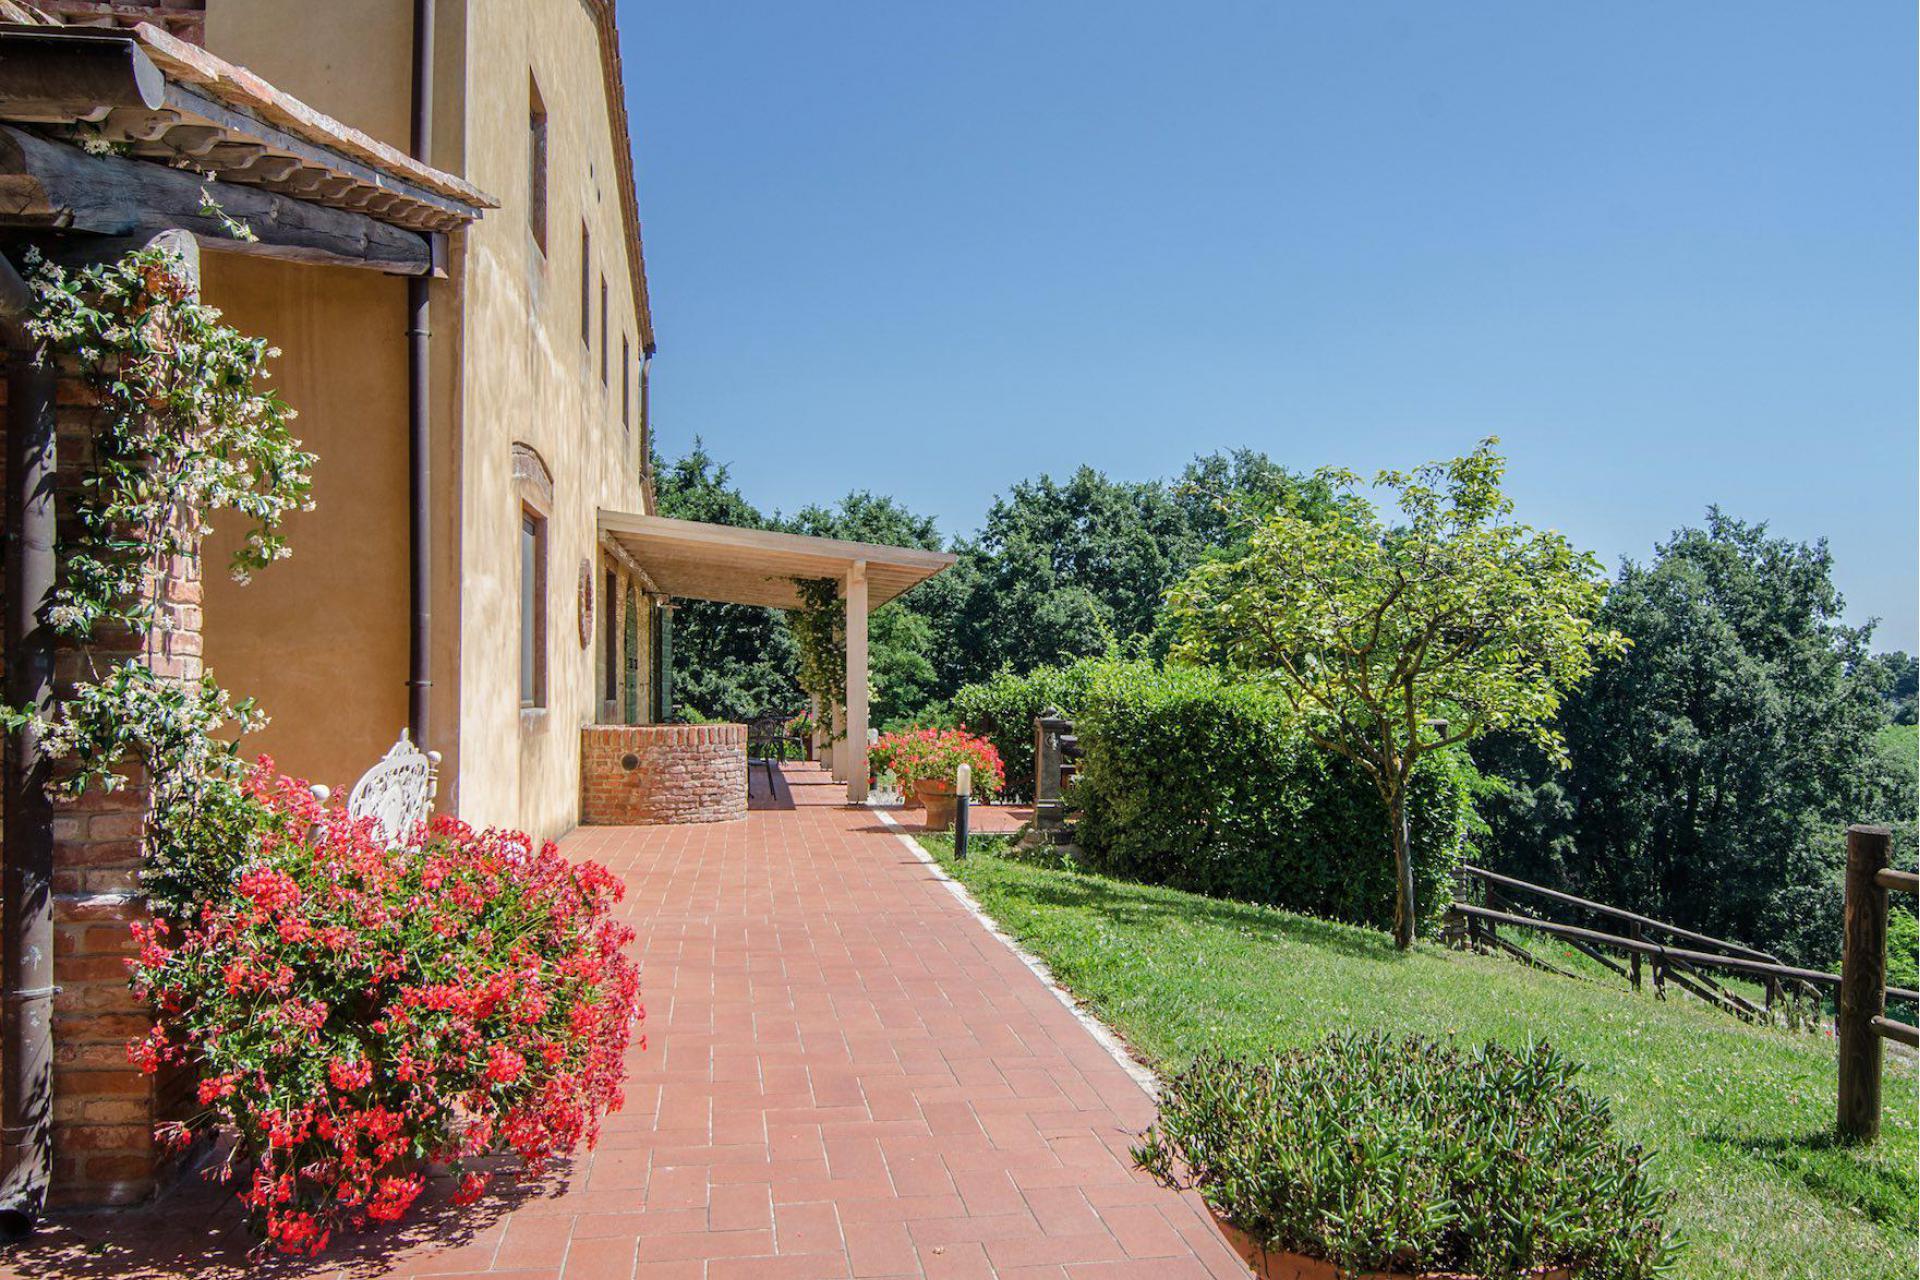 Agriturismo Tuscany Luxury agriturismo near San Gimignano in Tuscany